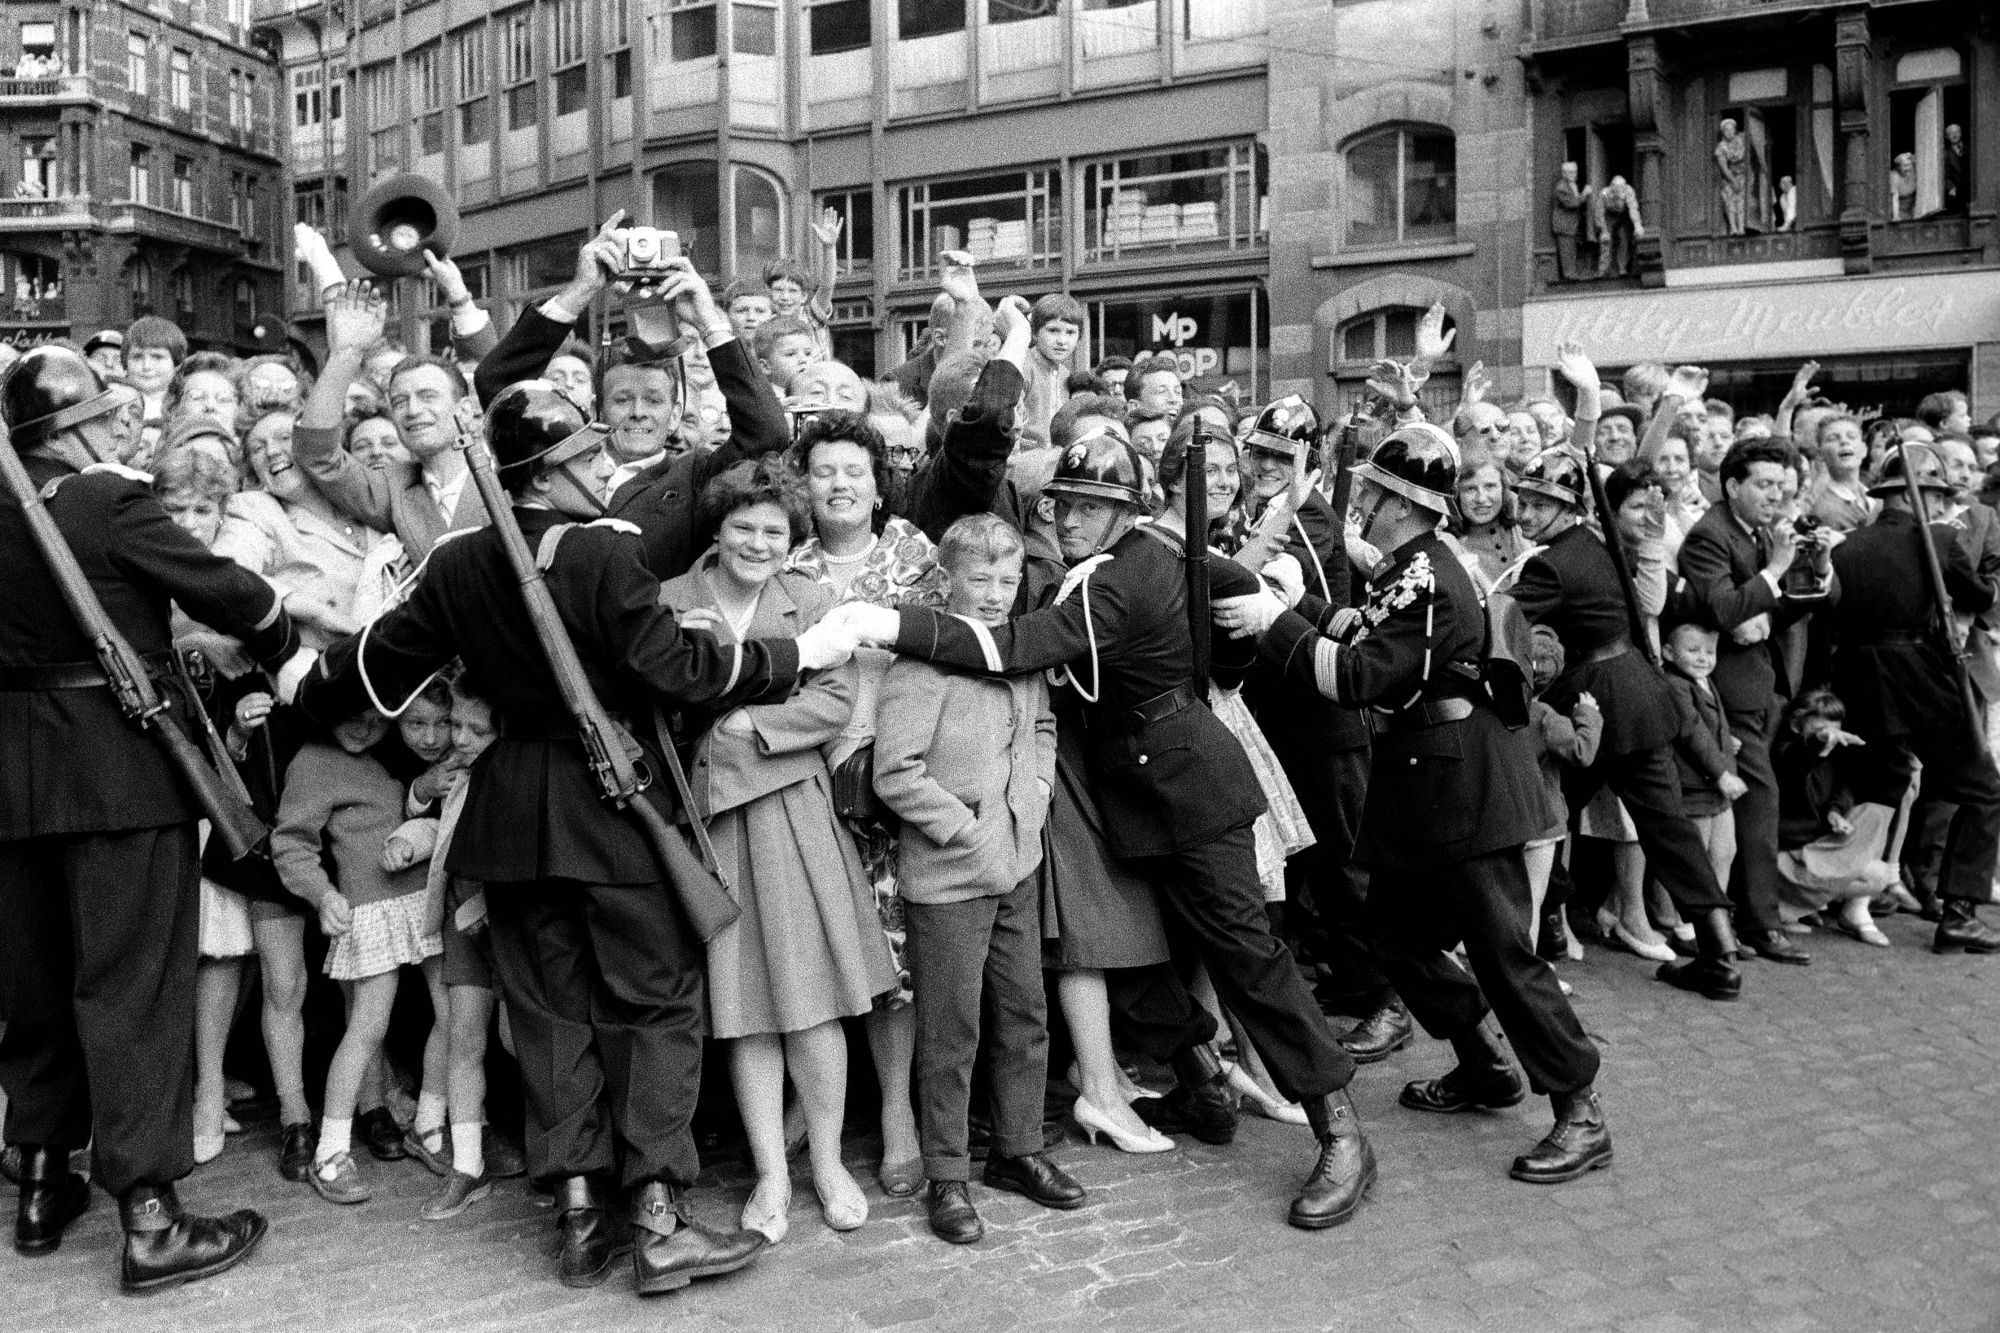 Evaristo Fusar, Folla al passaggio di Paola e Alberto di Liegi, Bruxelles 1959